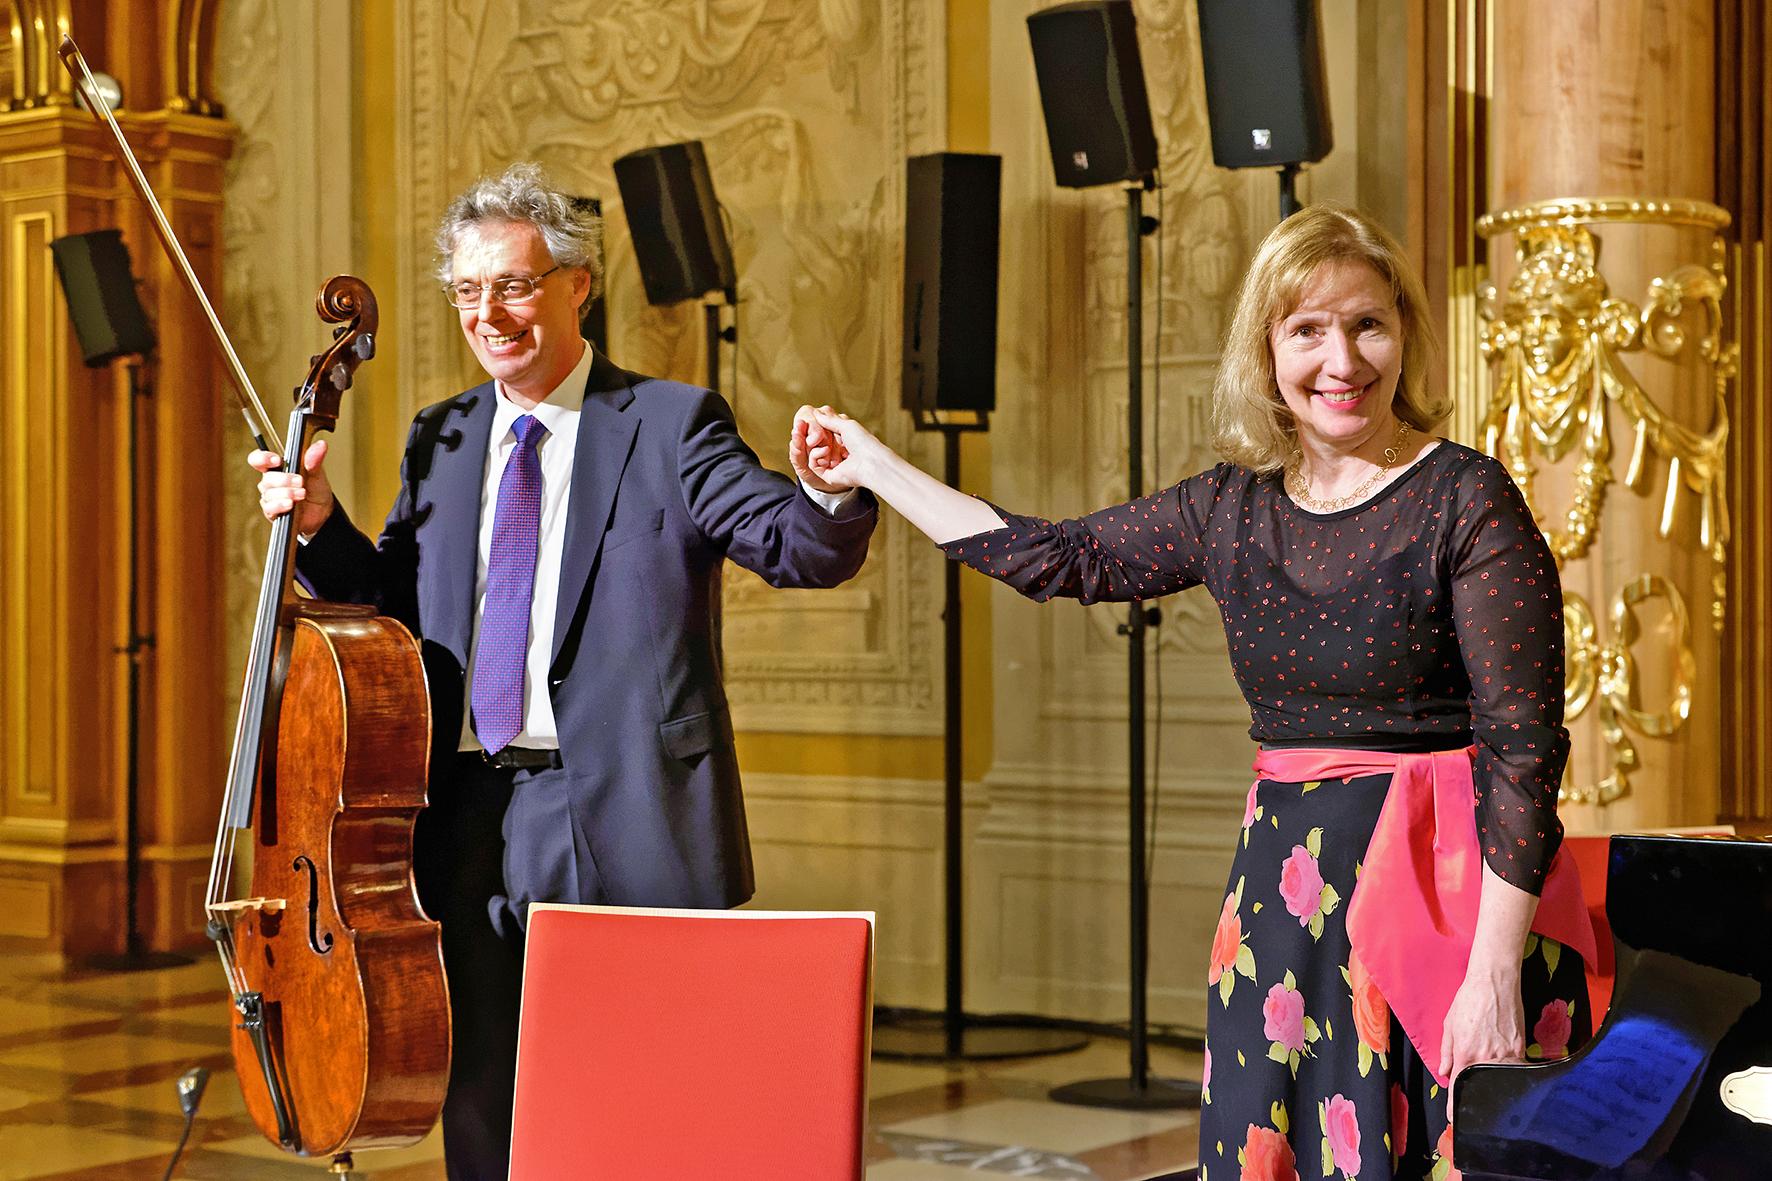 Julius Berger und Margarita Höhenrieder im Goldenen Saal, Augsburg Foto: Klaus Satzinger-Viel